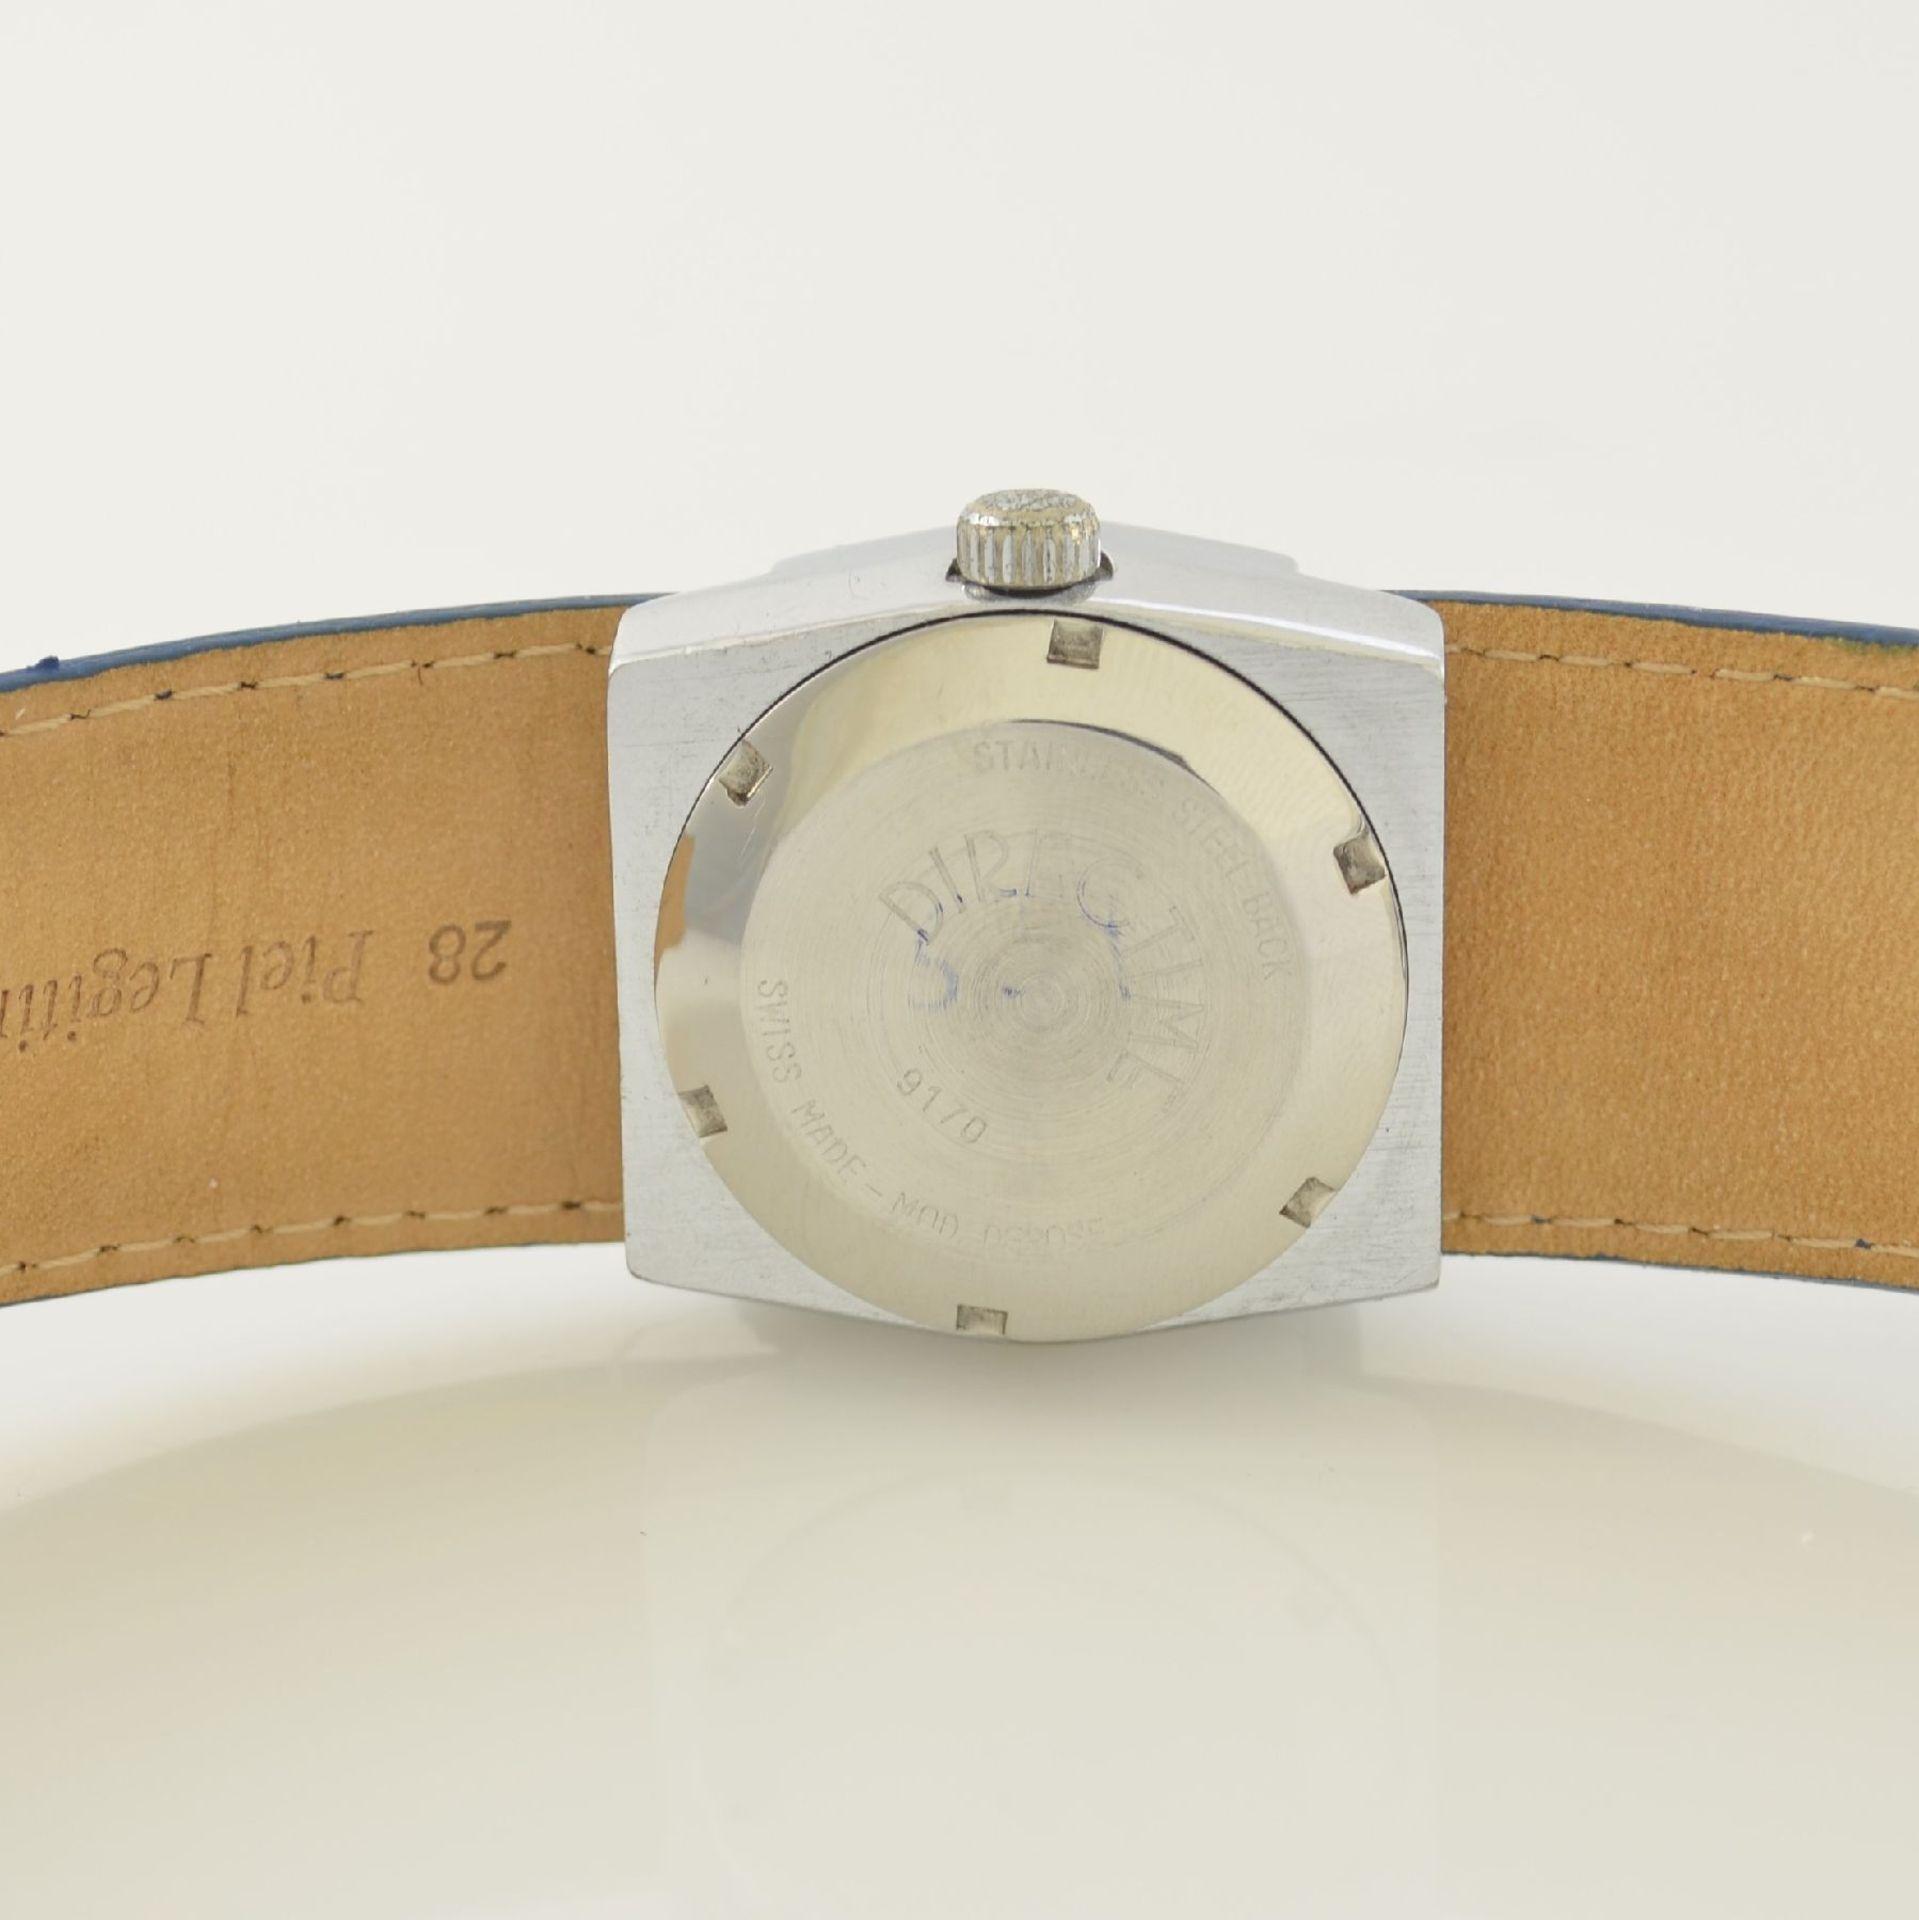 HOGA/Direct Time Armbanduhr mit digitaler Zeitanzeige Kal. AS 1902, Schweiz um 1970, Automatik, - Bild 6 aus 6